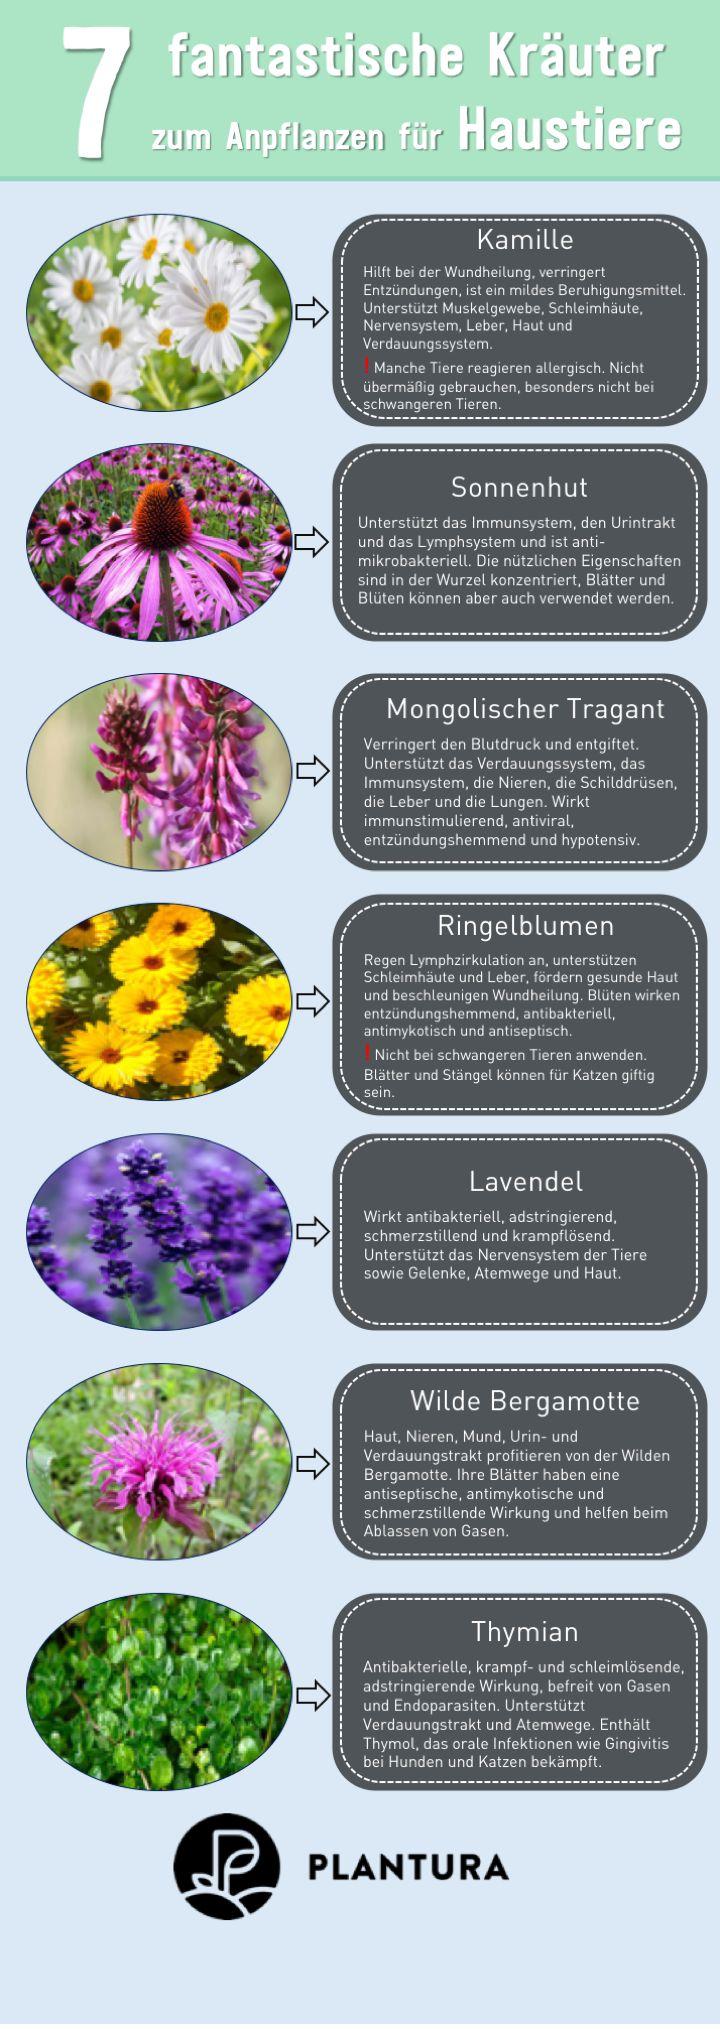 10 haustierfreundliche pflanzen f r garten wohnung tierfreundlicher garten pinterest. Black Bedroom Furniture Sets. Home Design Ideas